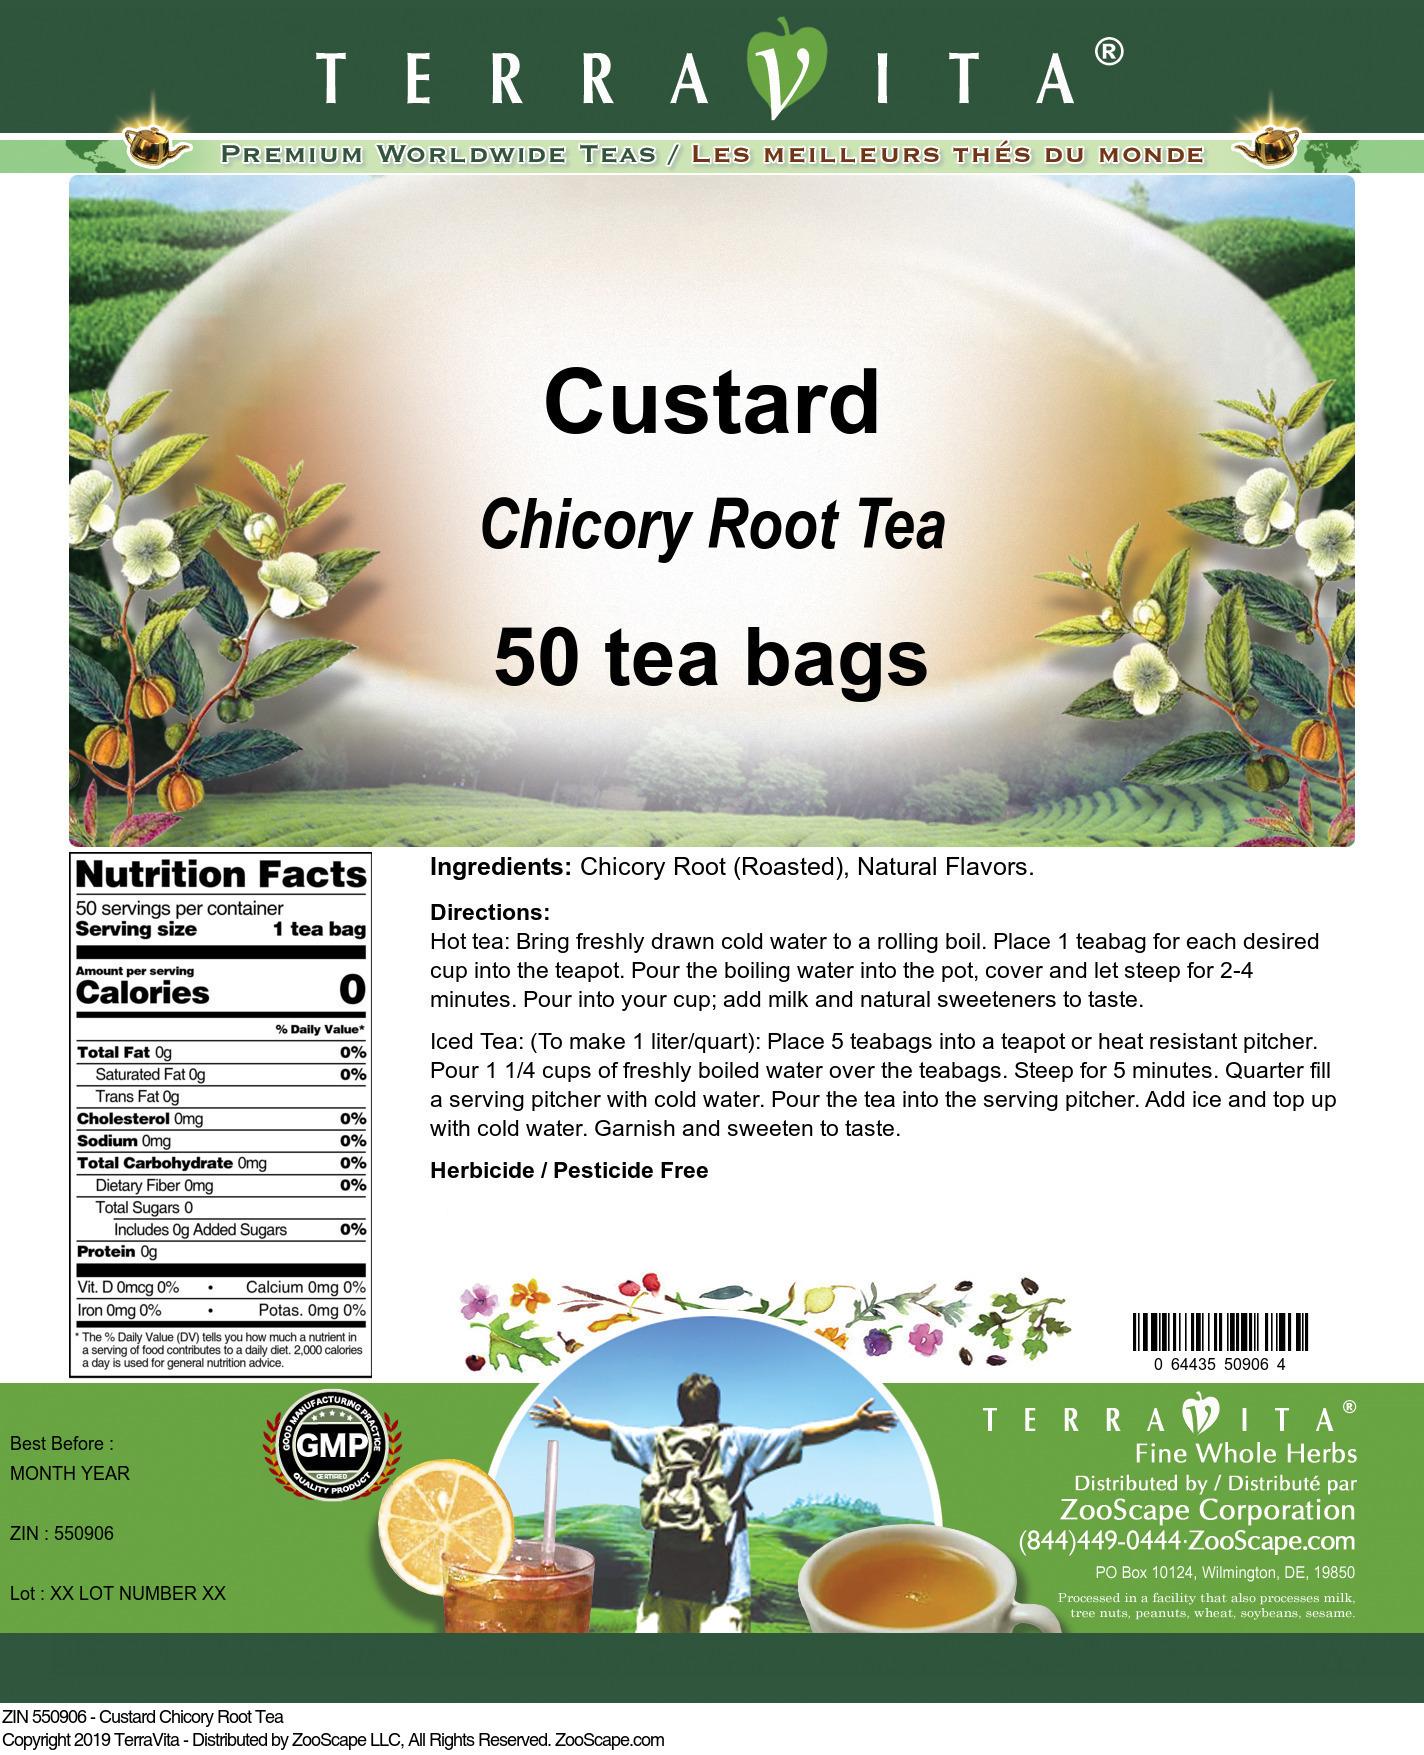 Custard Chicory Root